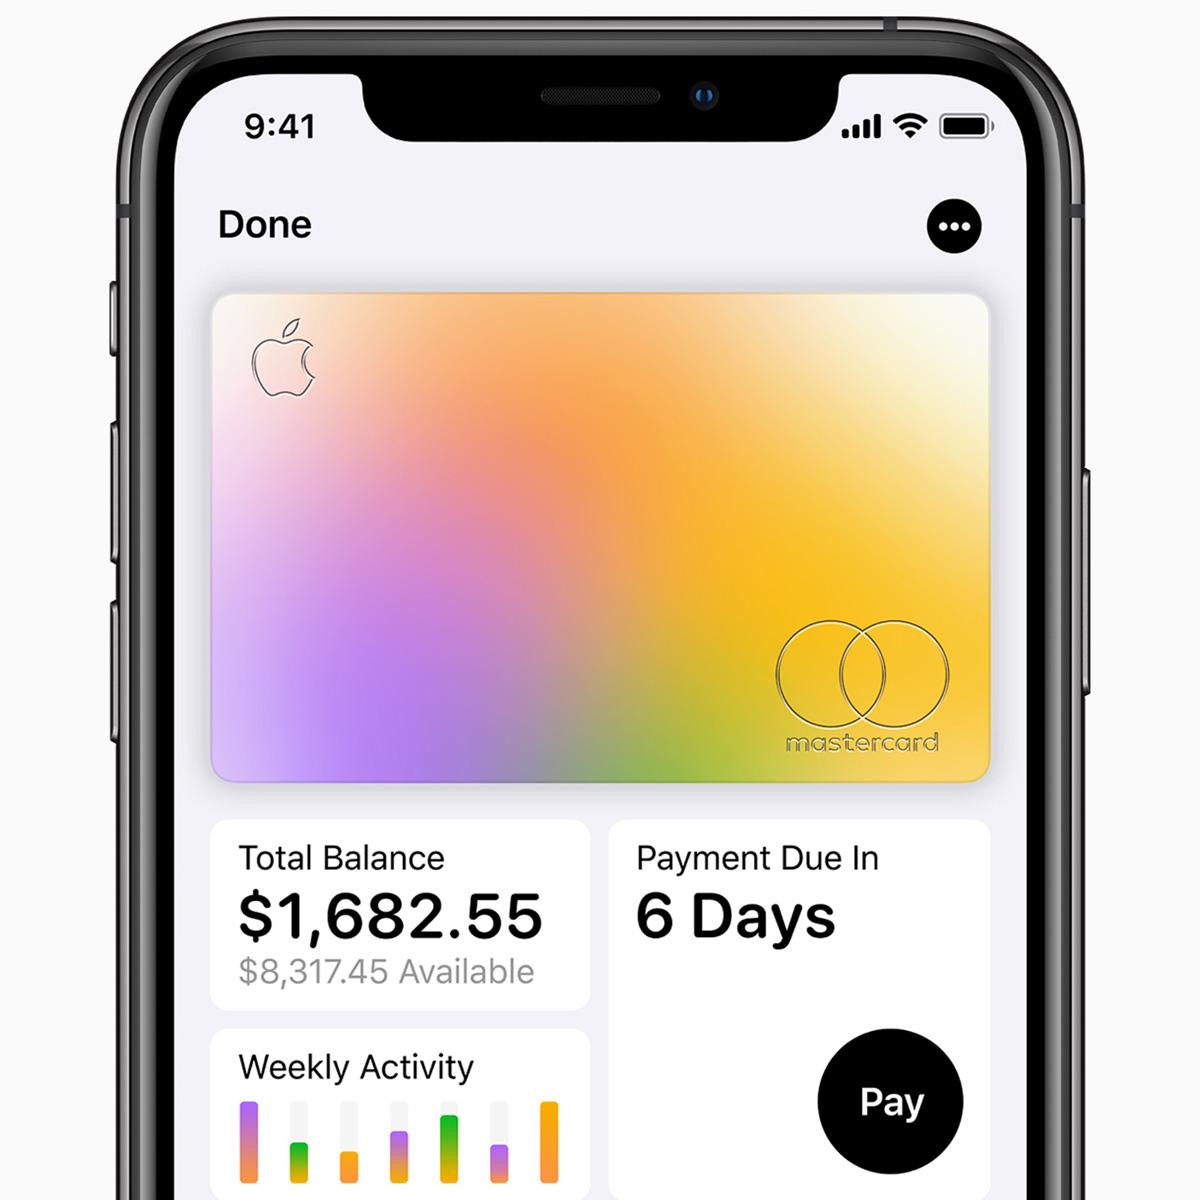 アップルのクレカ「Apple Card」は8月リリース。脱獄iPhoneは使えず